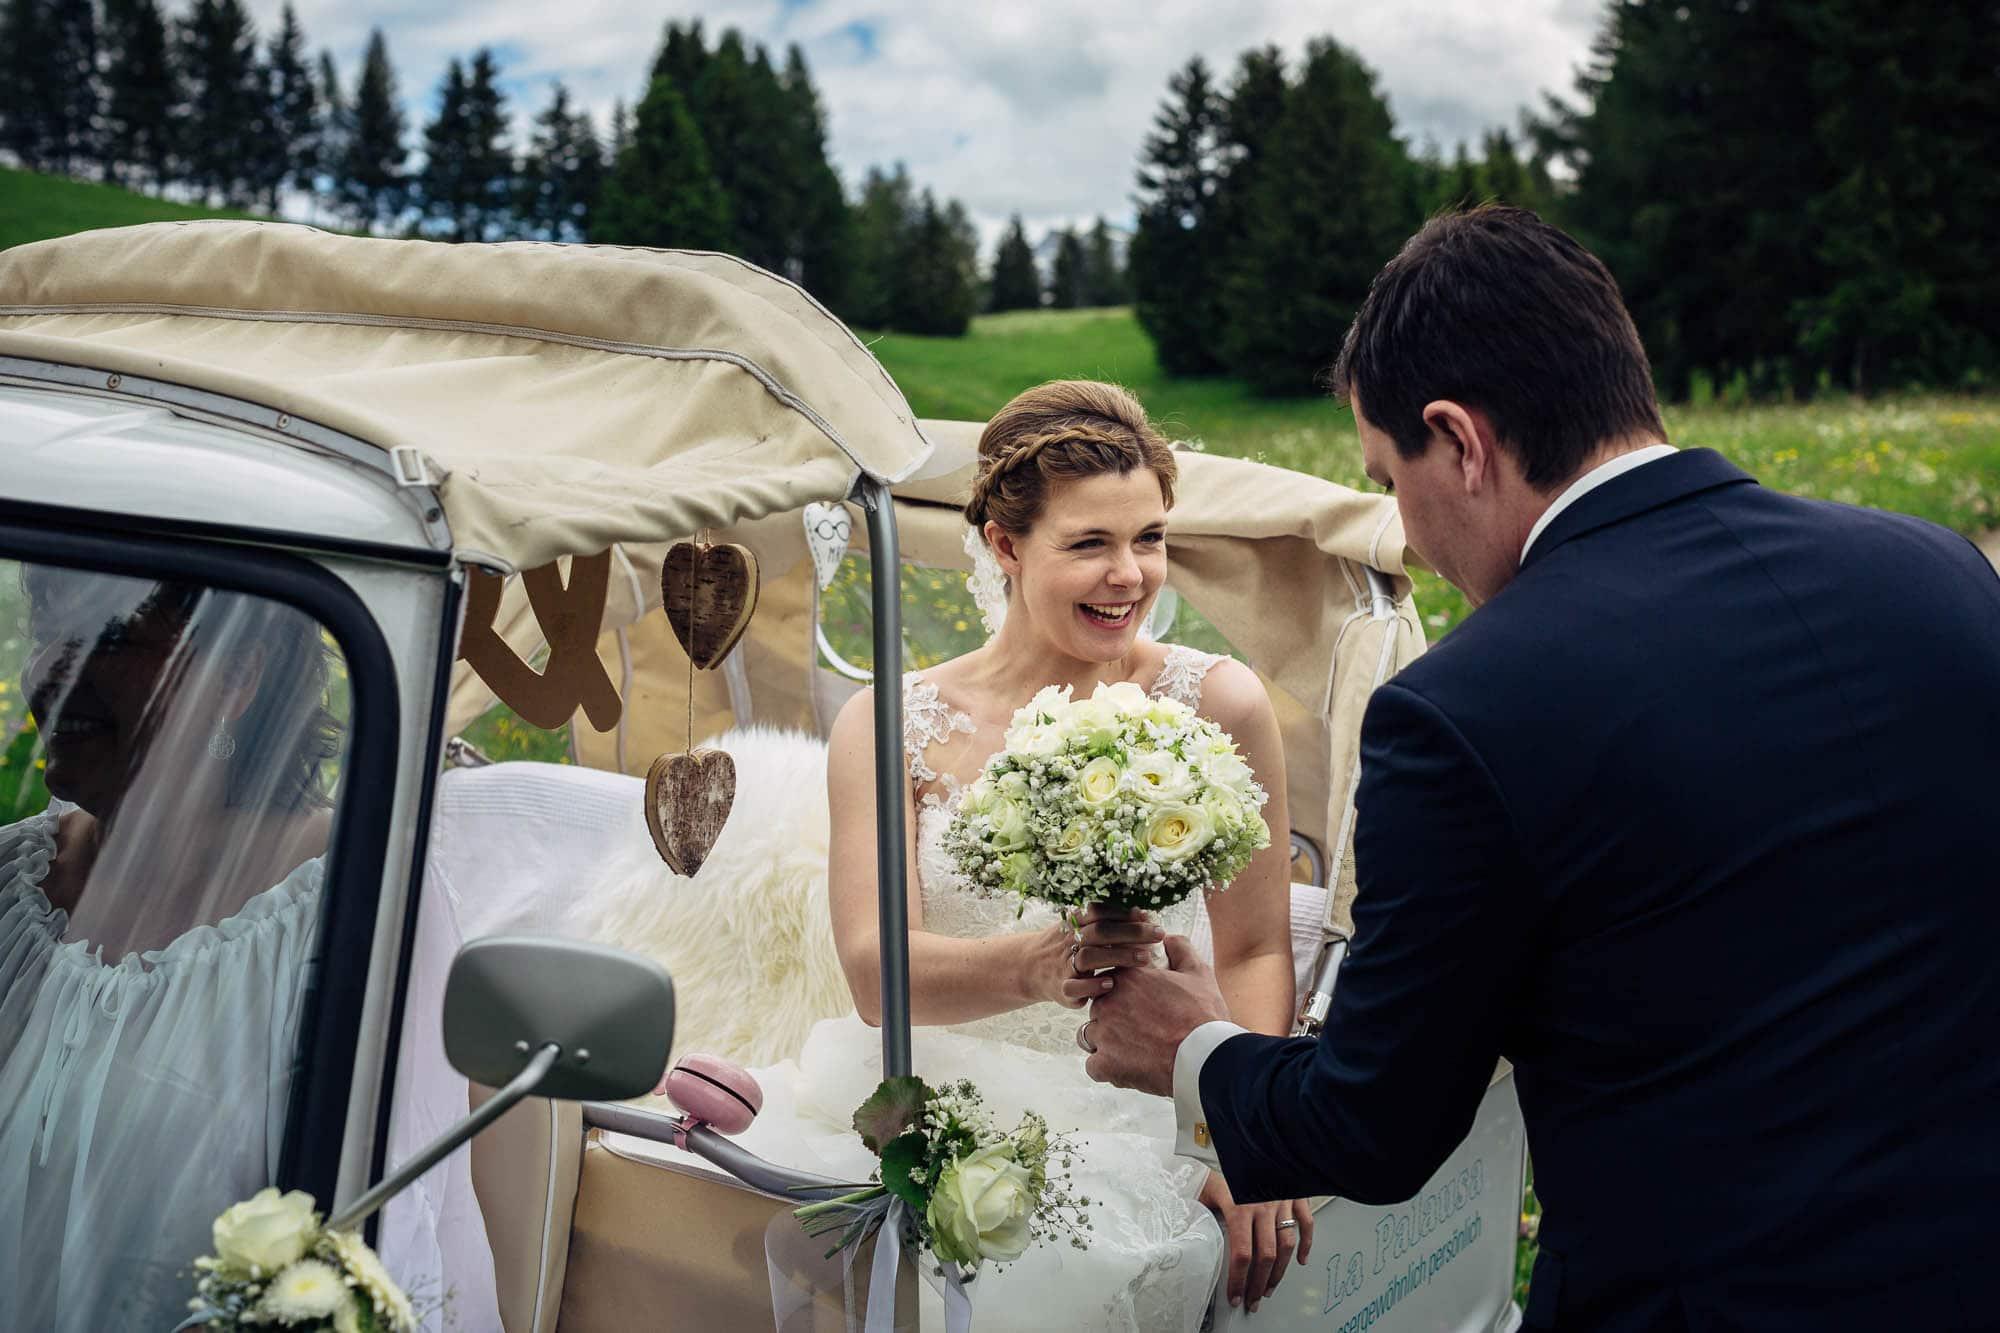 Bräutigam hilft der Braut beim Aussteigen aus Tuktuk